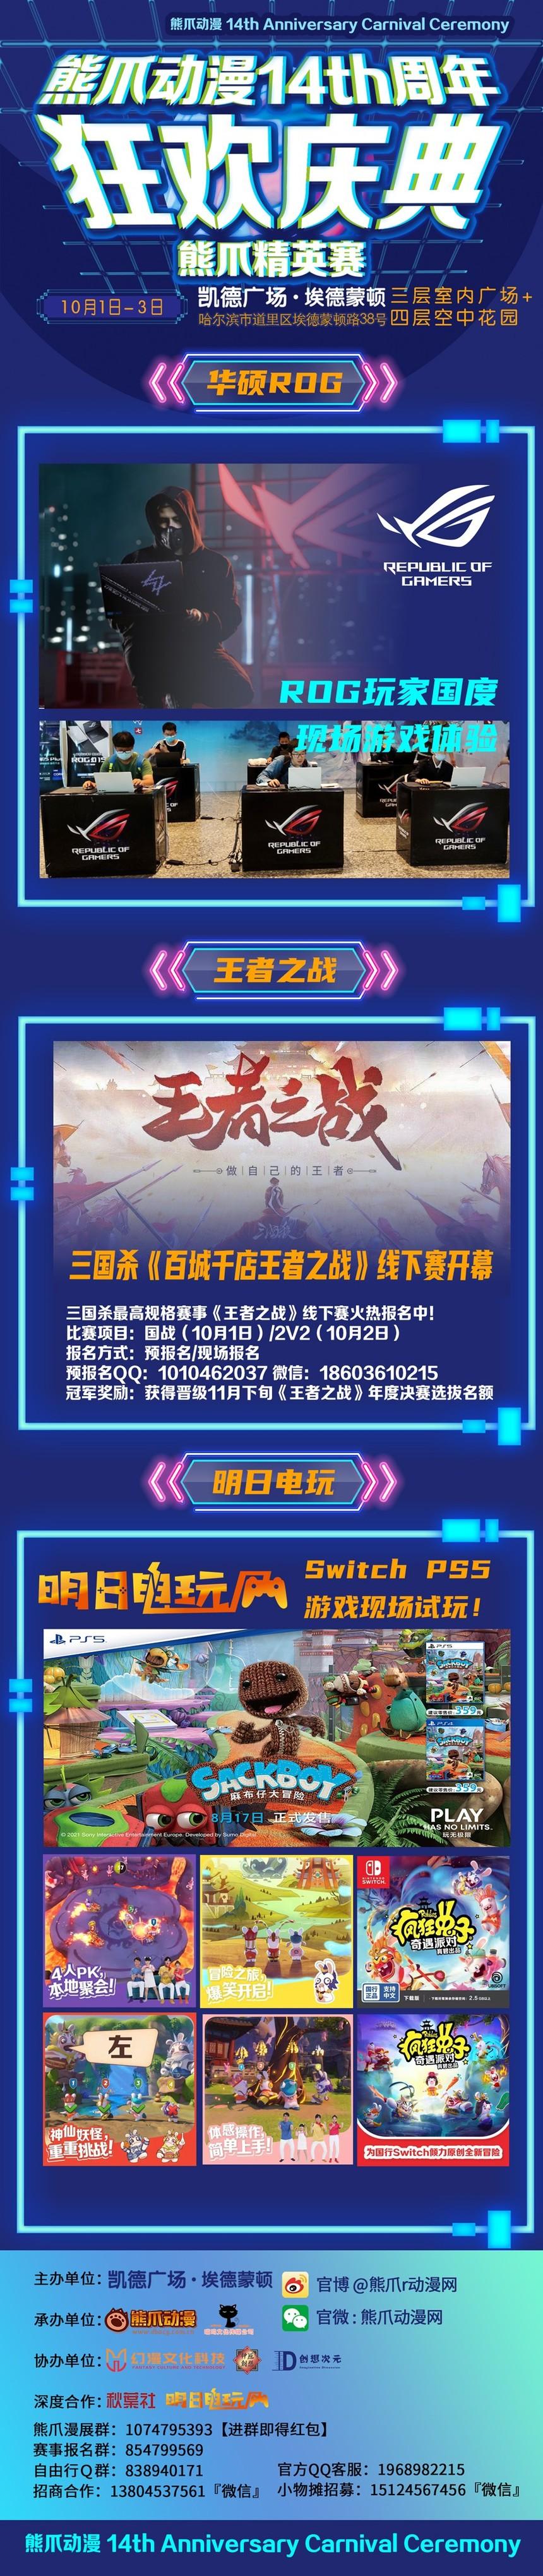 4-华硕+明日+王者之战.jpg